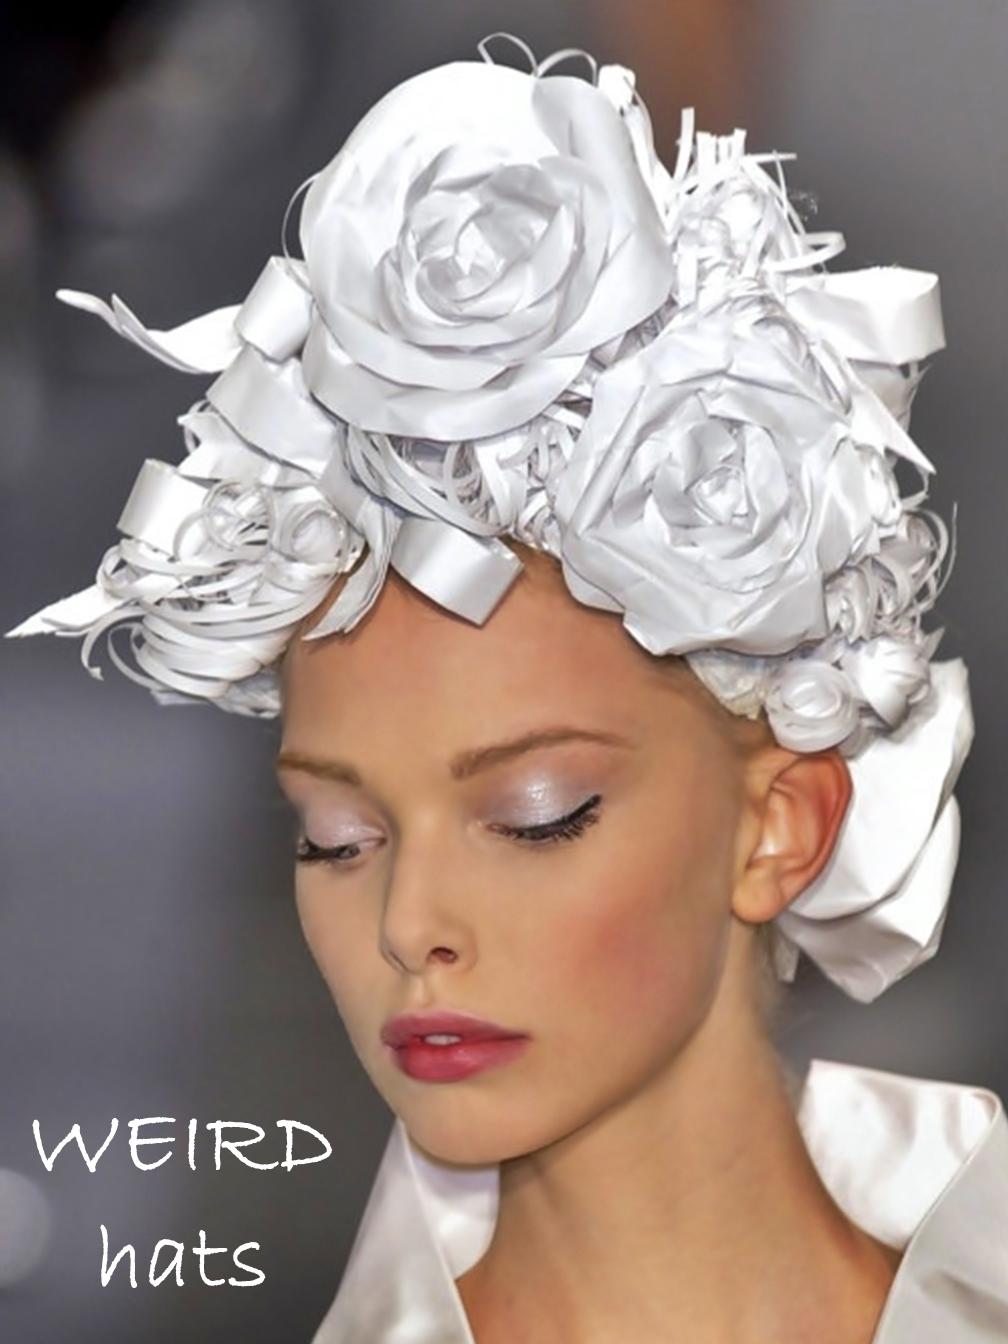 Weird Hats